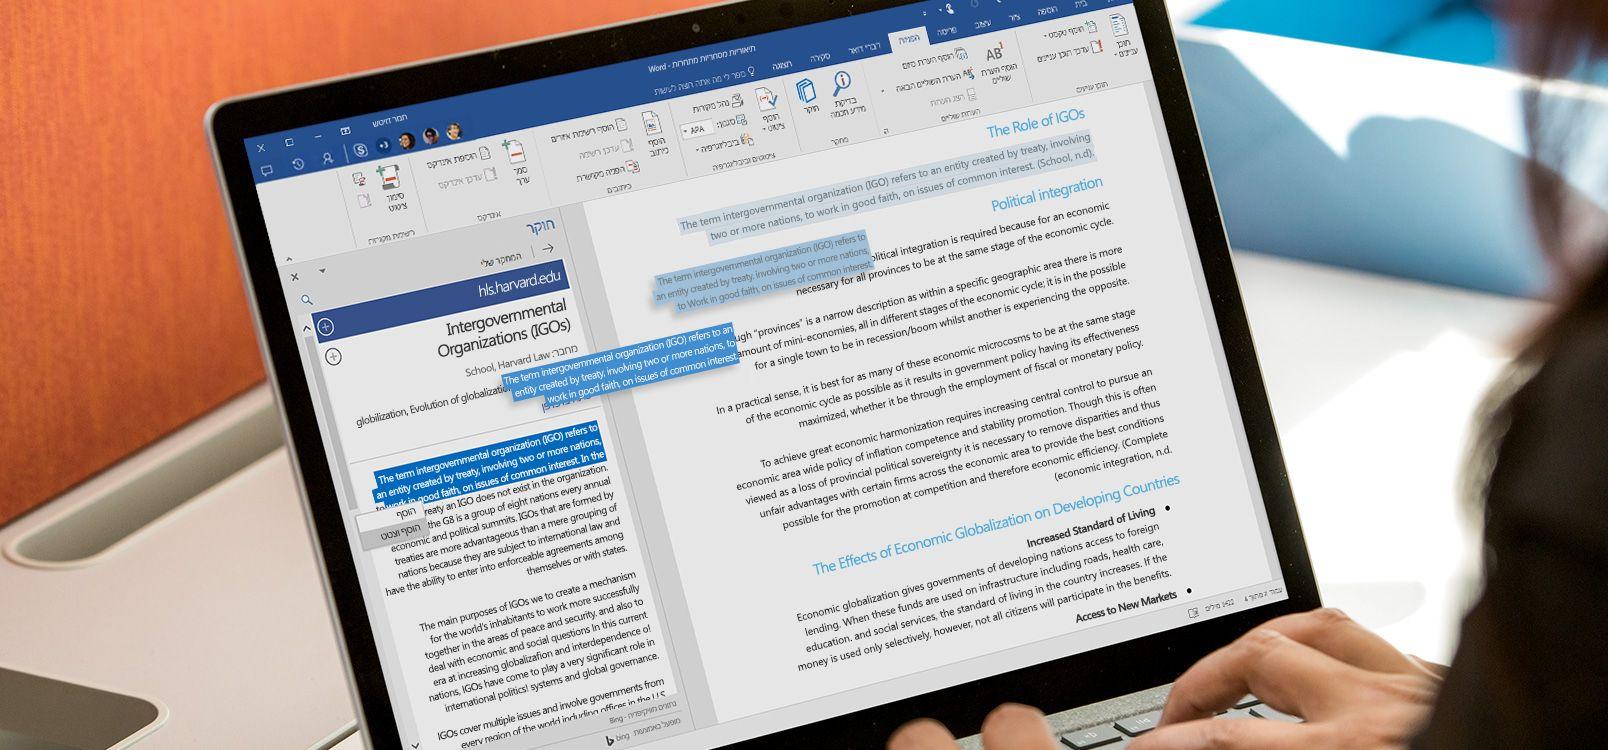 מסך מחשב נישא המציג מסמך Word שמשתמש בתכונה 'חוקר'